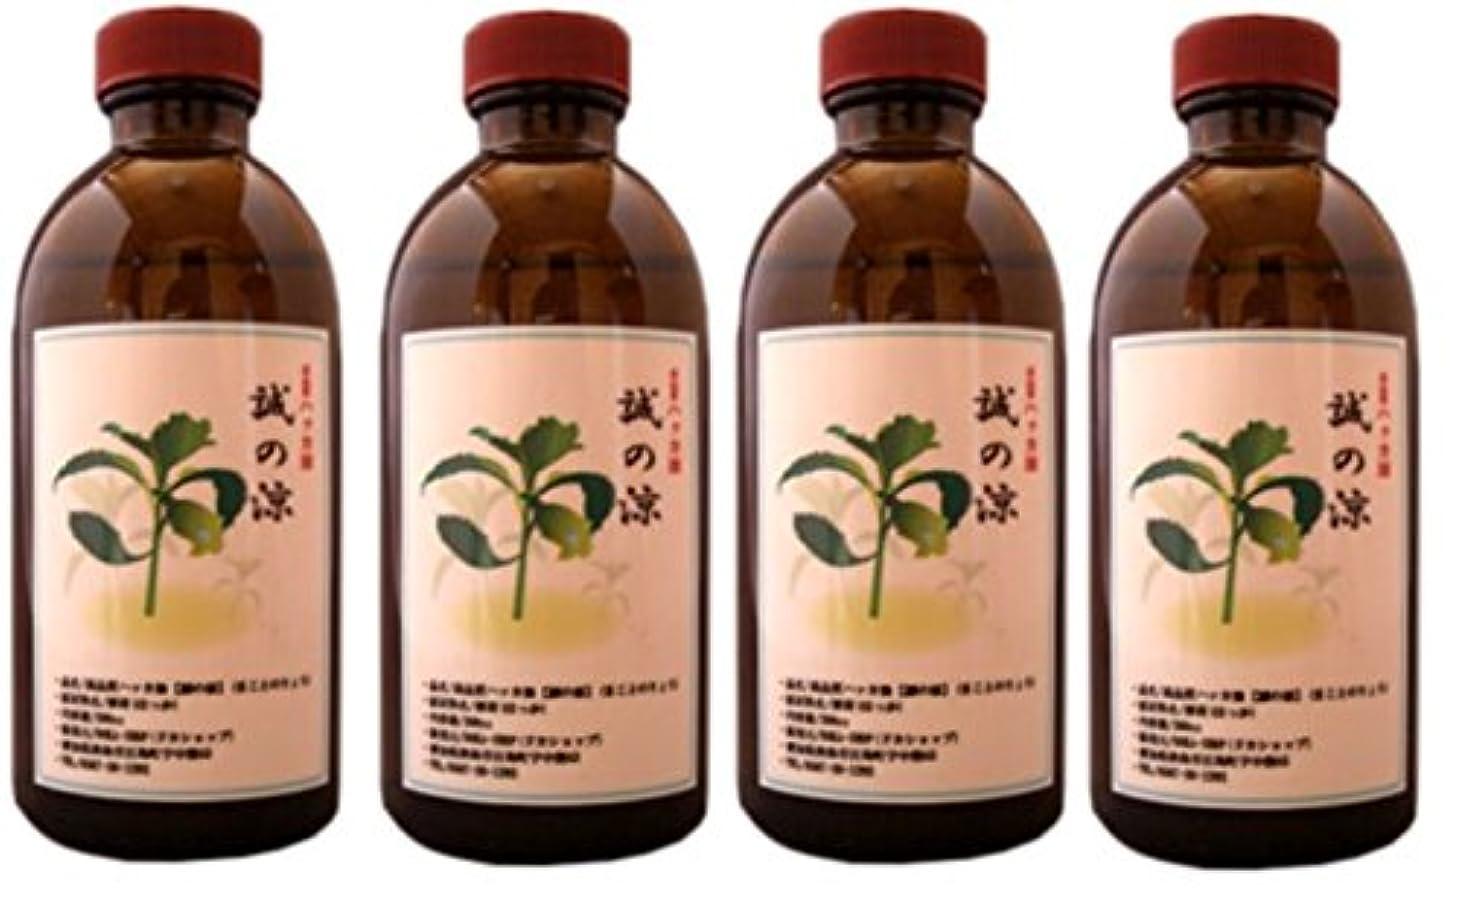 テーブルを設定するダイバー意味するDOKA-SHOP 高品質ハッカ精油100%【誠の涼(まことのりょう)】日本国内加工精製 200cc×4本セット